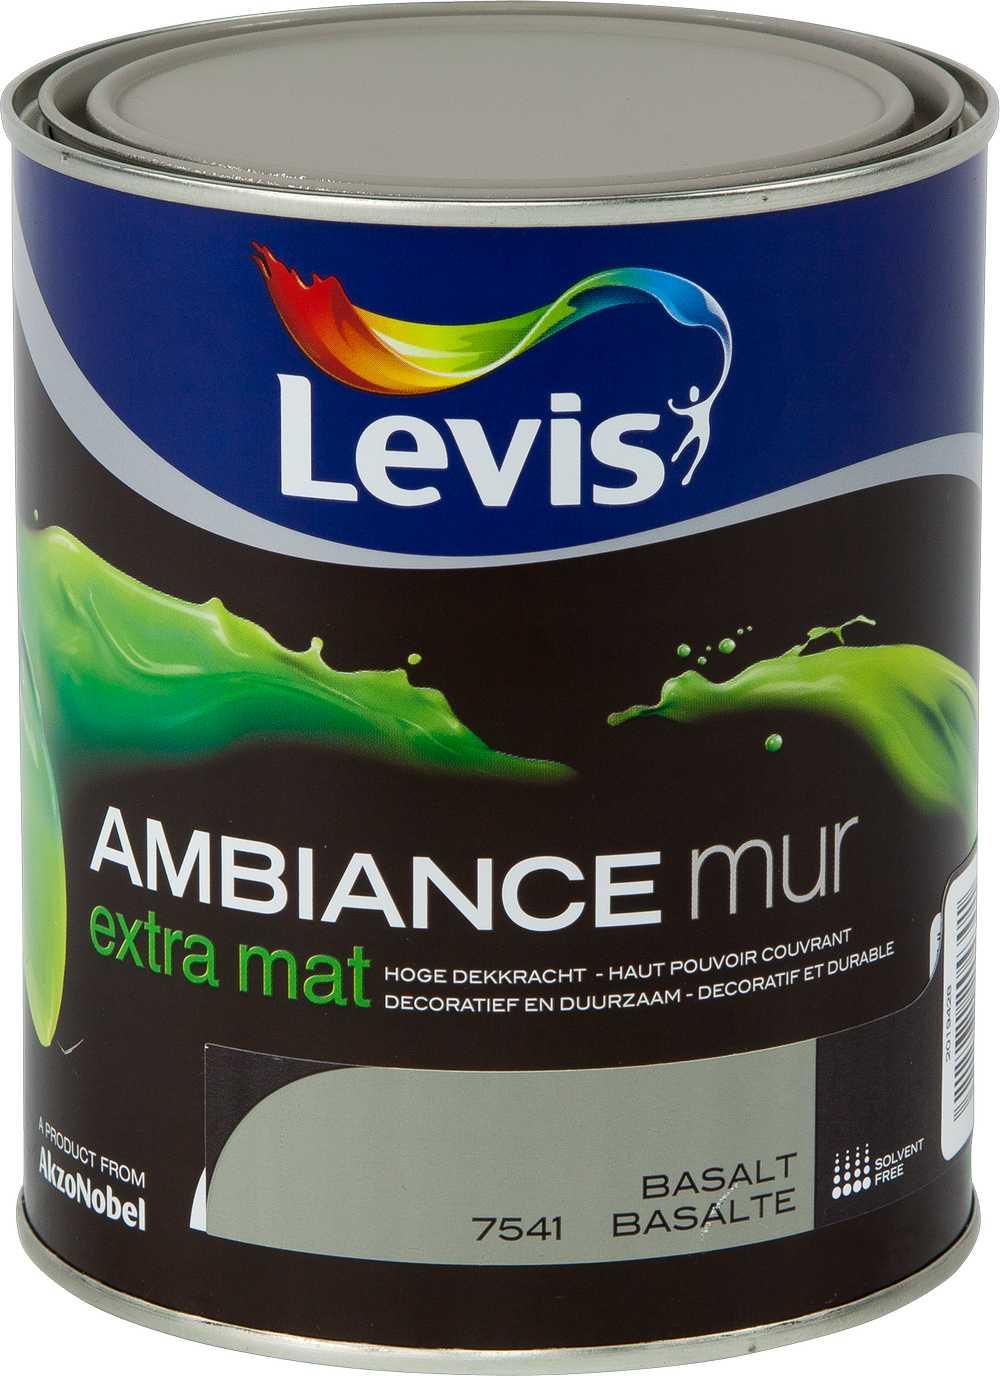 AMBIANCE MUR EXTRA MAT - BASALT 7541 1 L